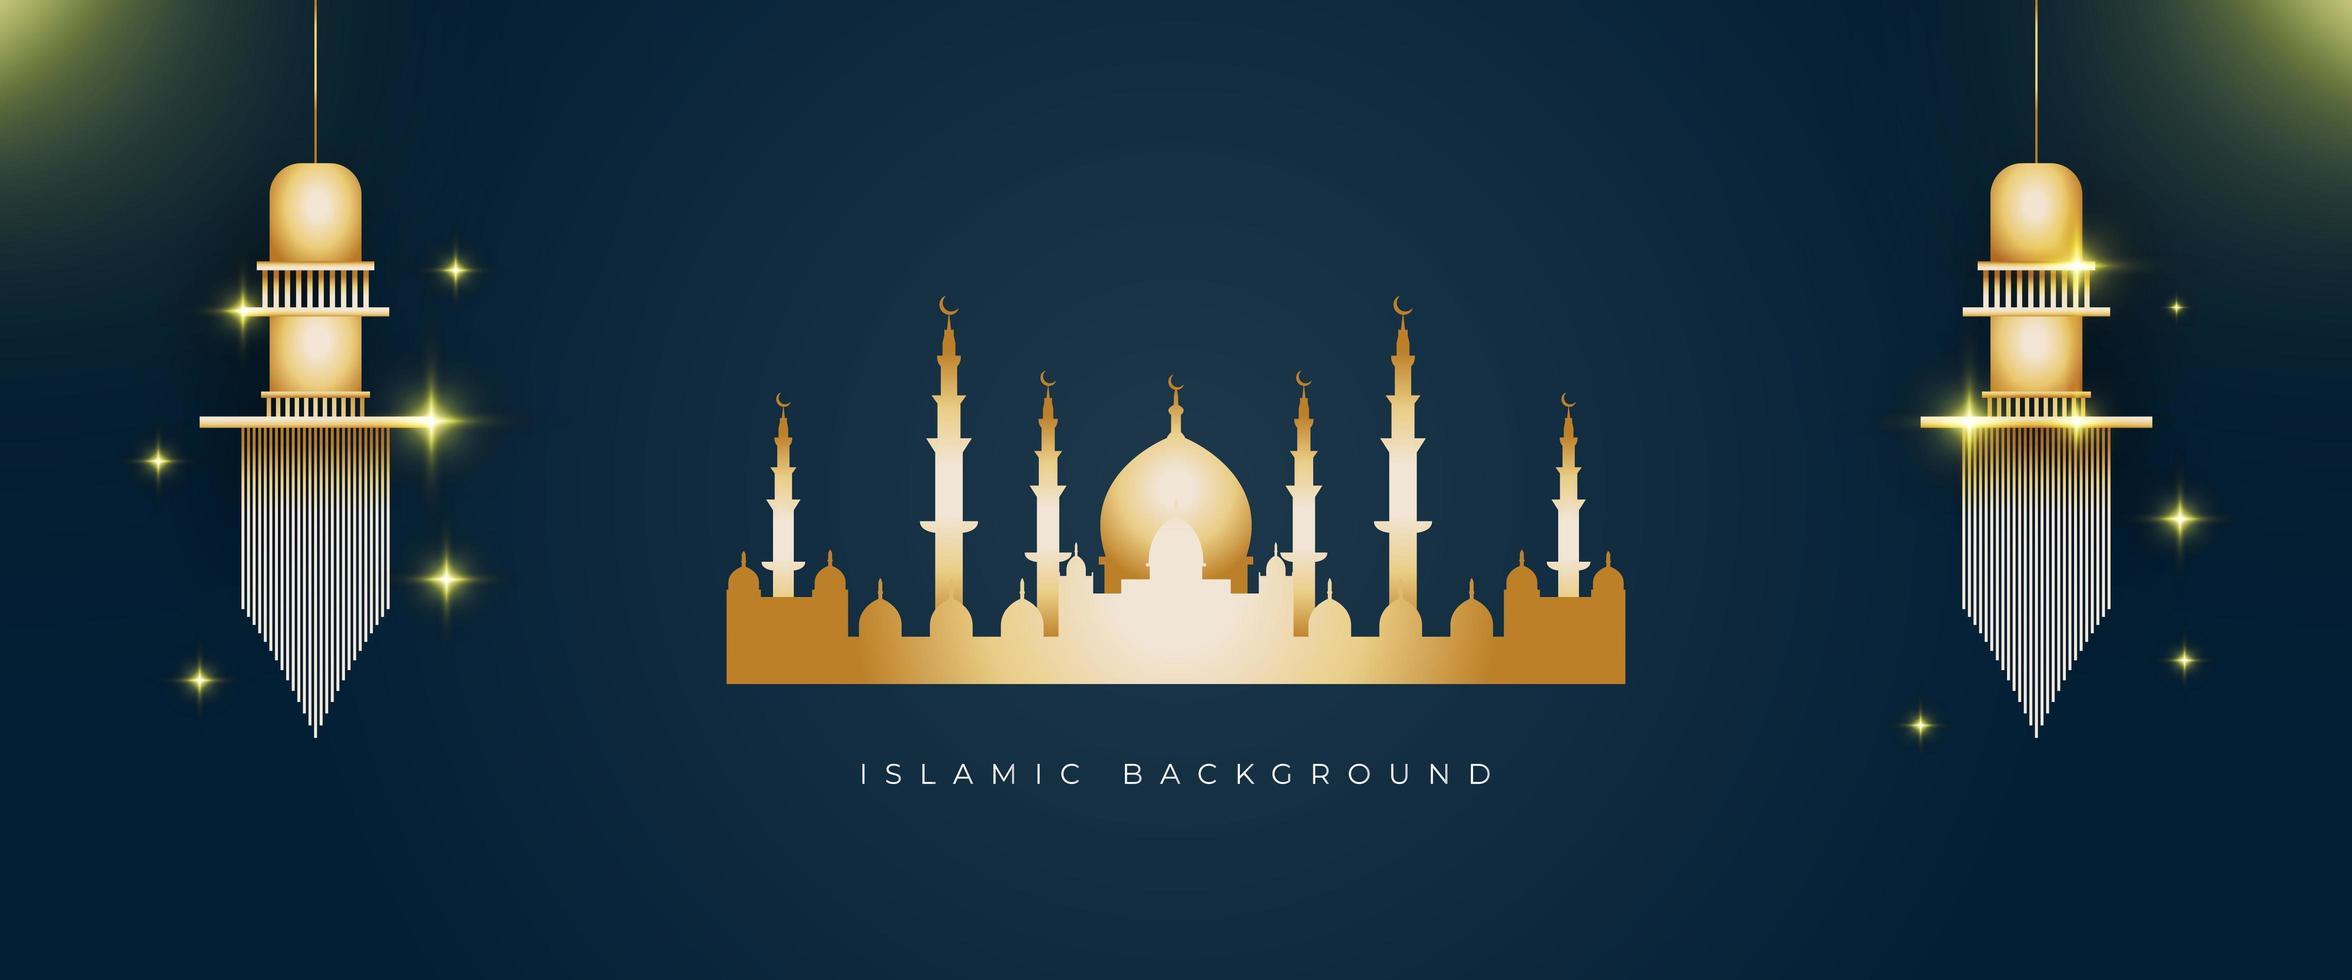 fond islamique avec couleur dorée vecteur